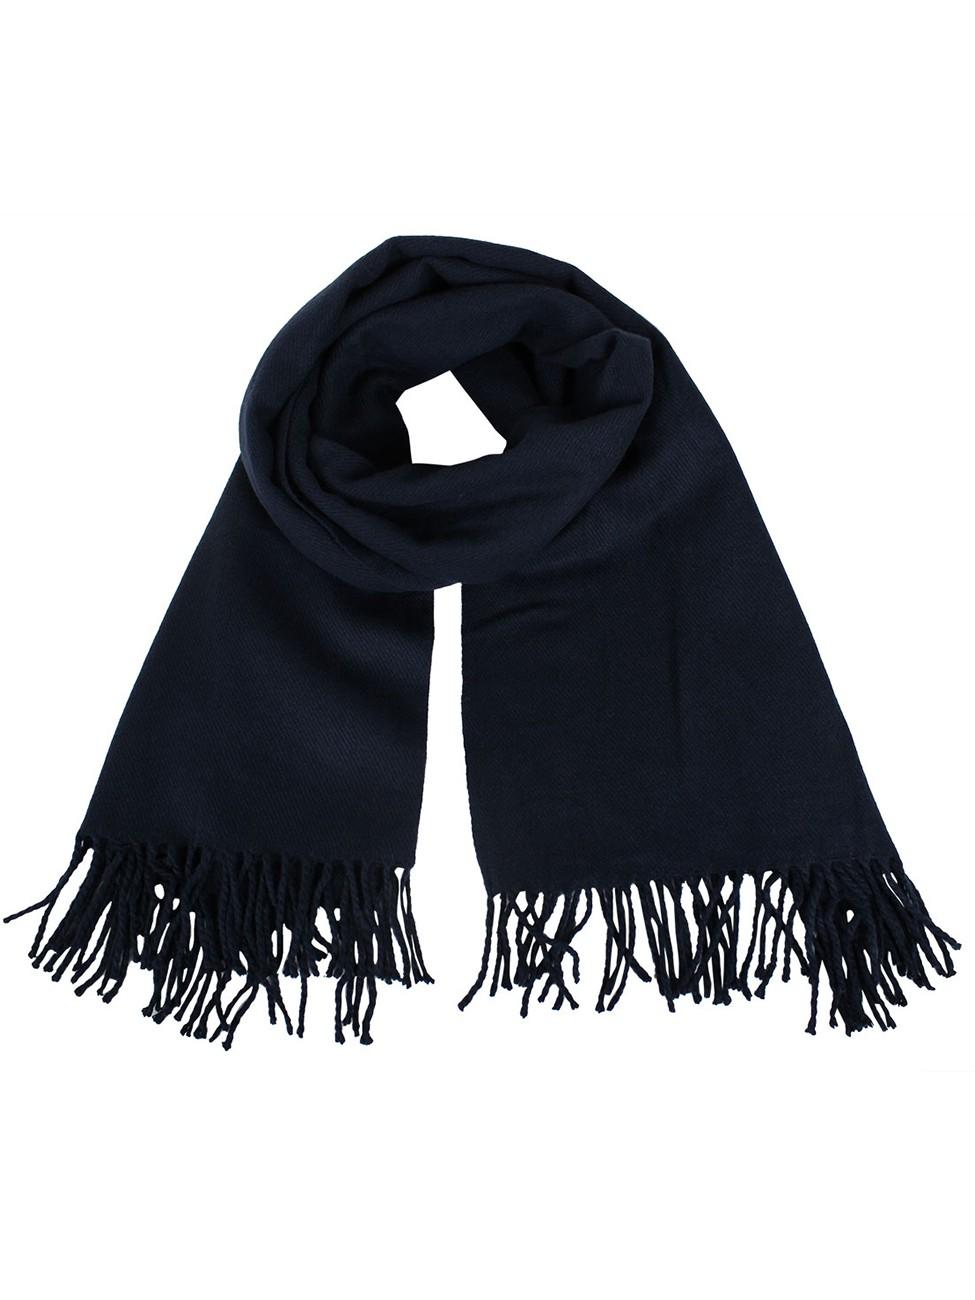 vero moda damen schal 10137899 vmsolid long scarf noos ebay. Black Bedroom Furniture Sets. Home Design Ideas